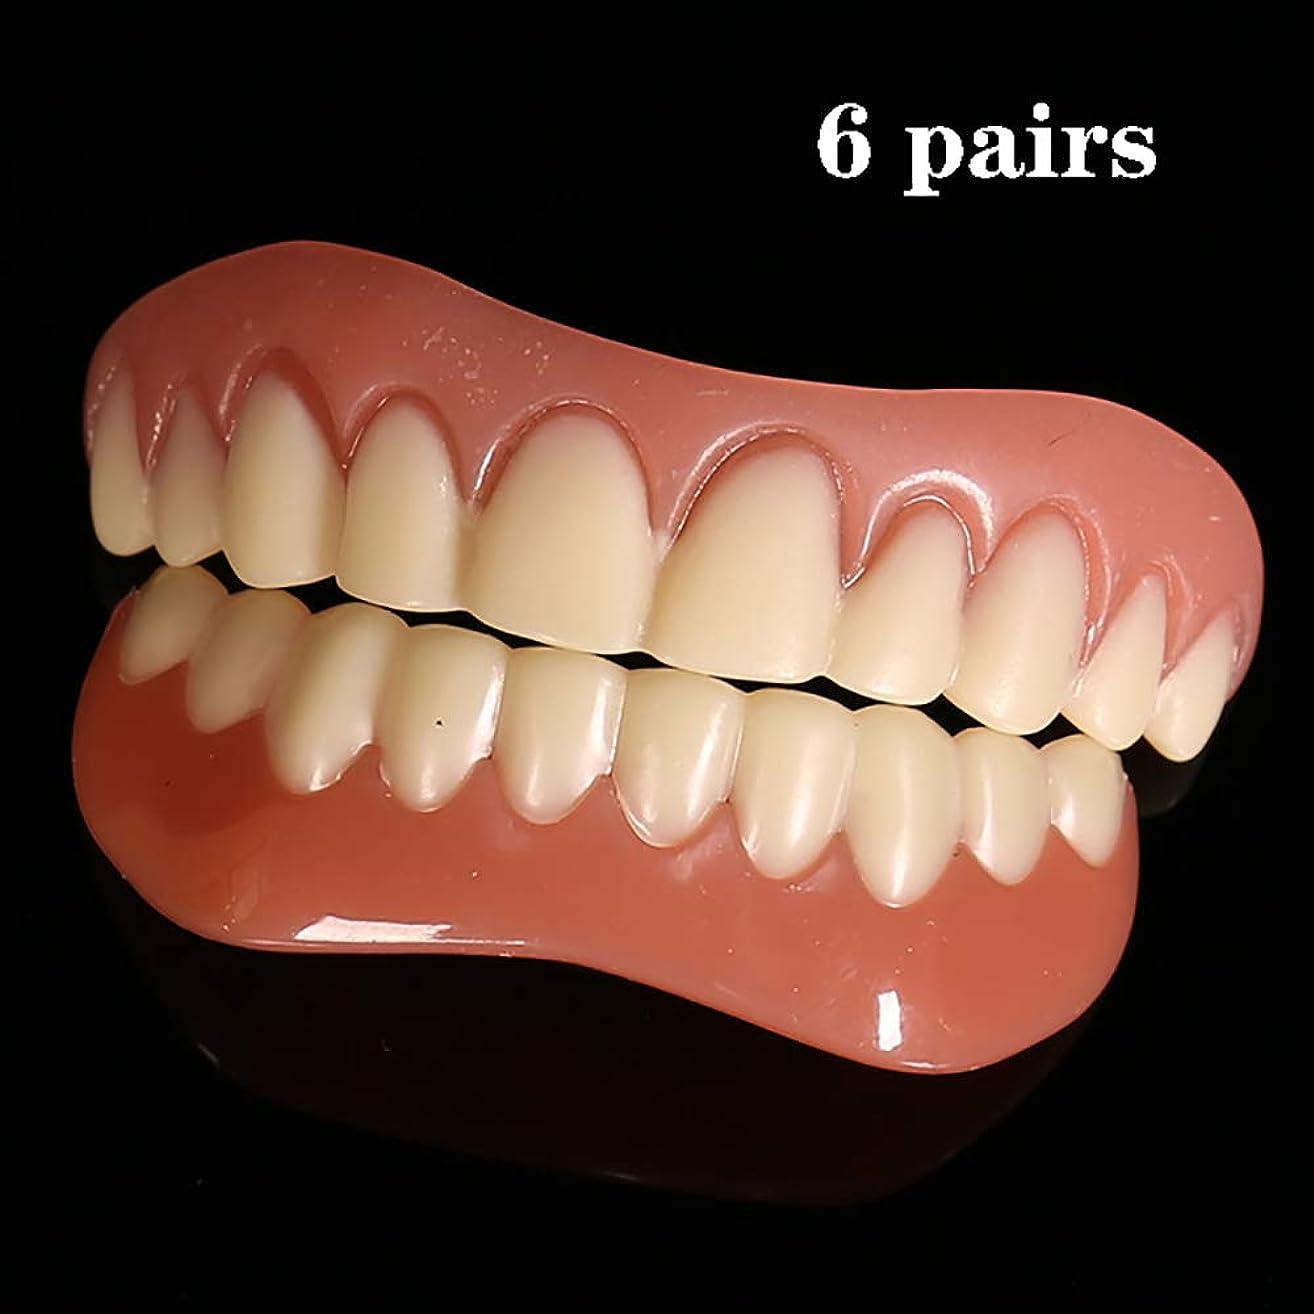 ペスト未亡人純粋な歯のベニヤ化粧品の歯スナップオンセキュア6ピースアッパー+ 6ピース下コンフォートフィット歯突き板セキュアインスタントスマイル化粧品ワンサイズフィット全ての義歯ケアツール